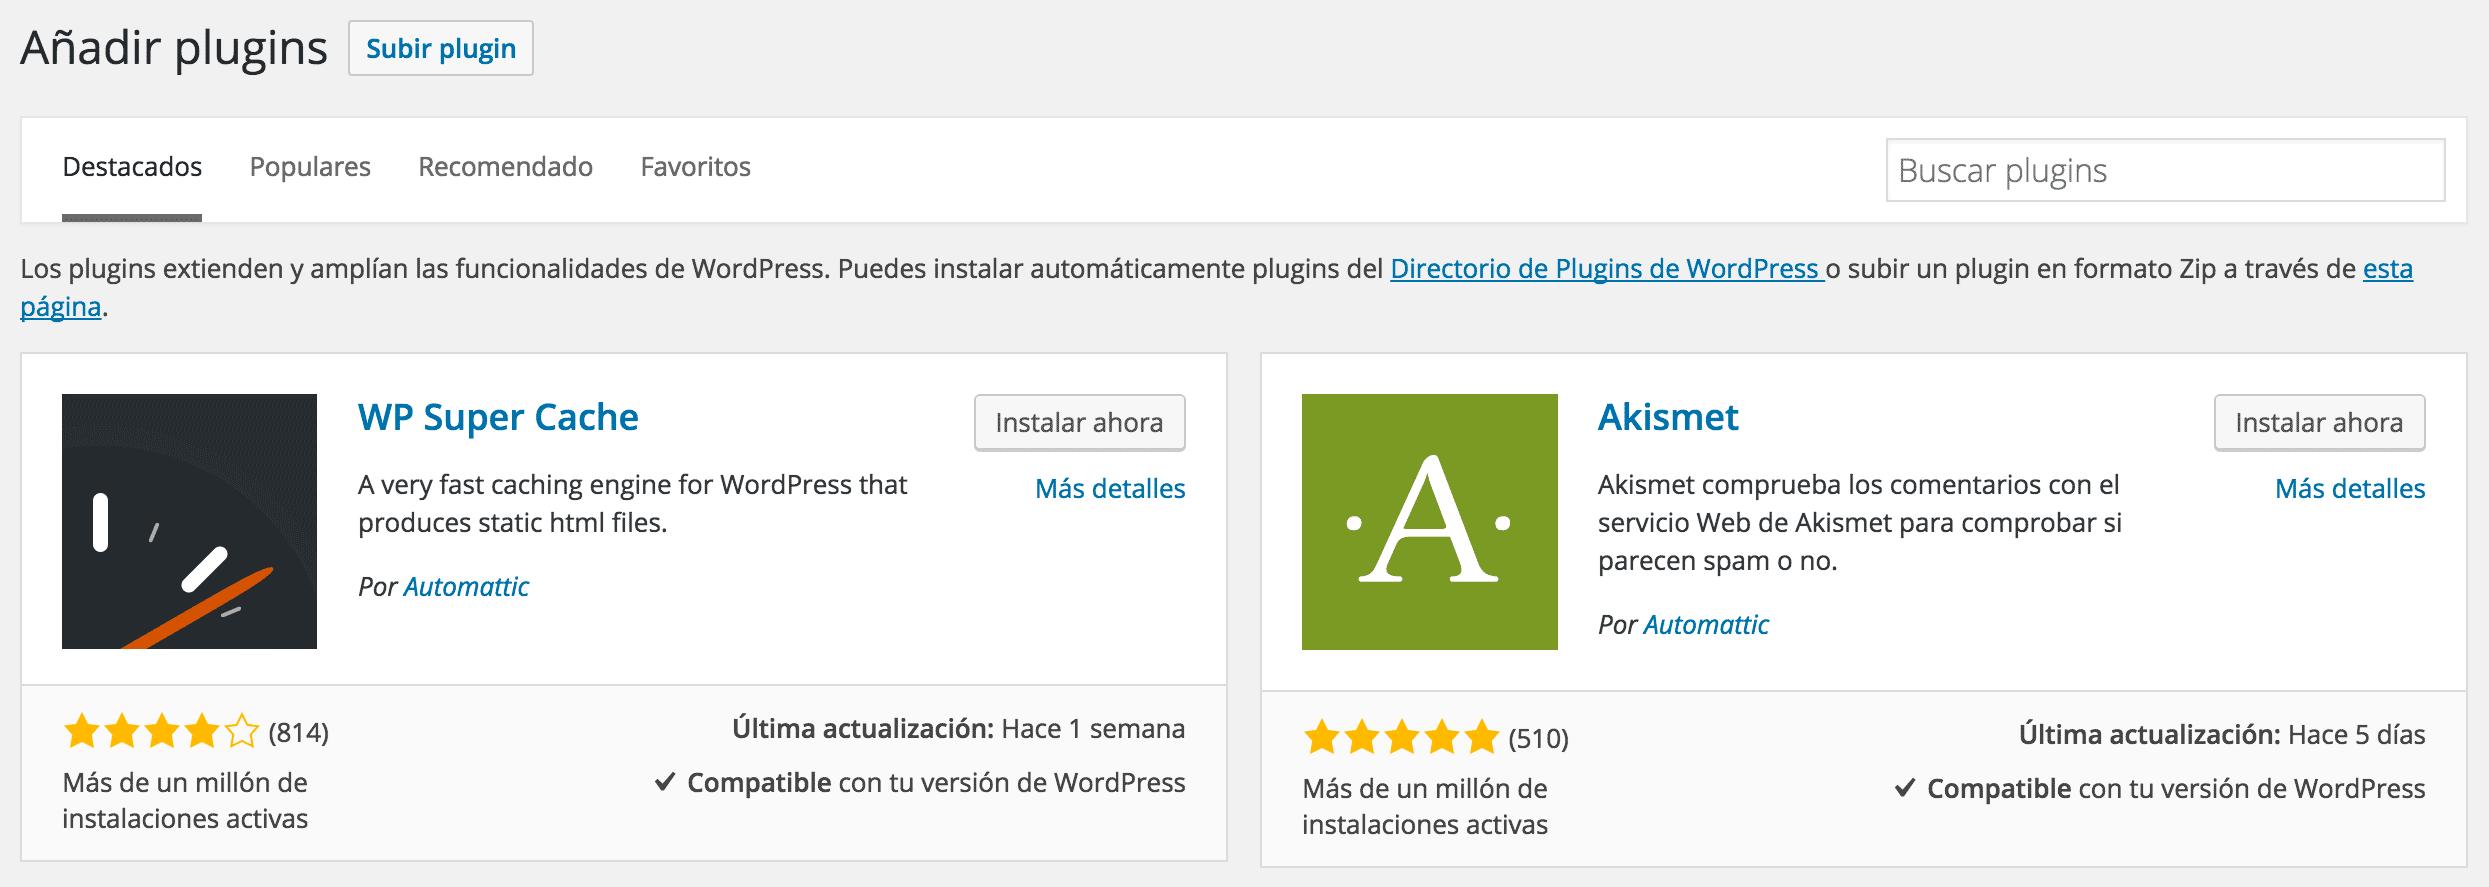 Repositorio público de plugins en WordPress